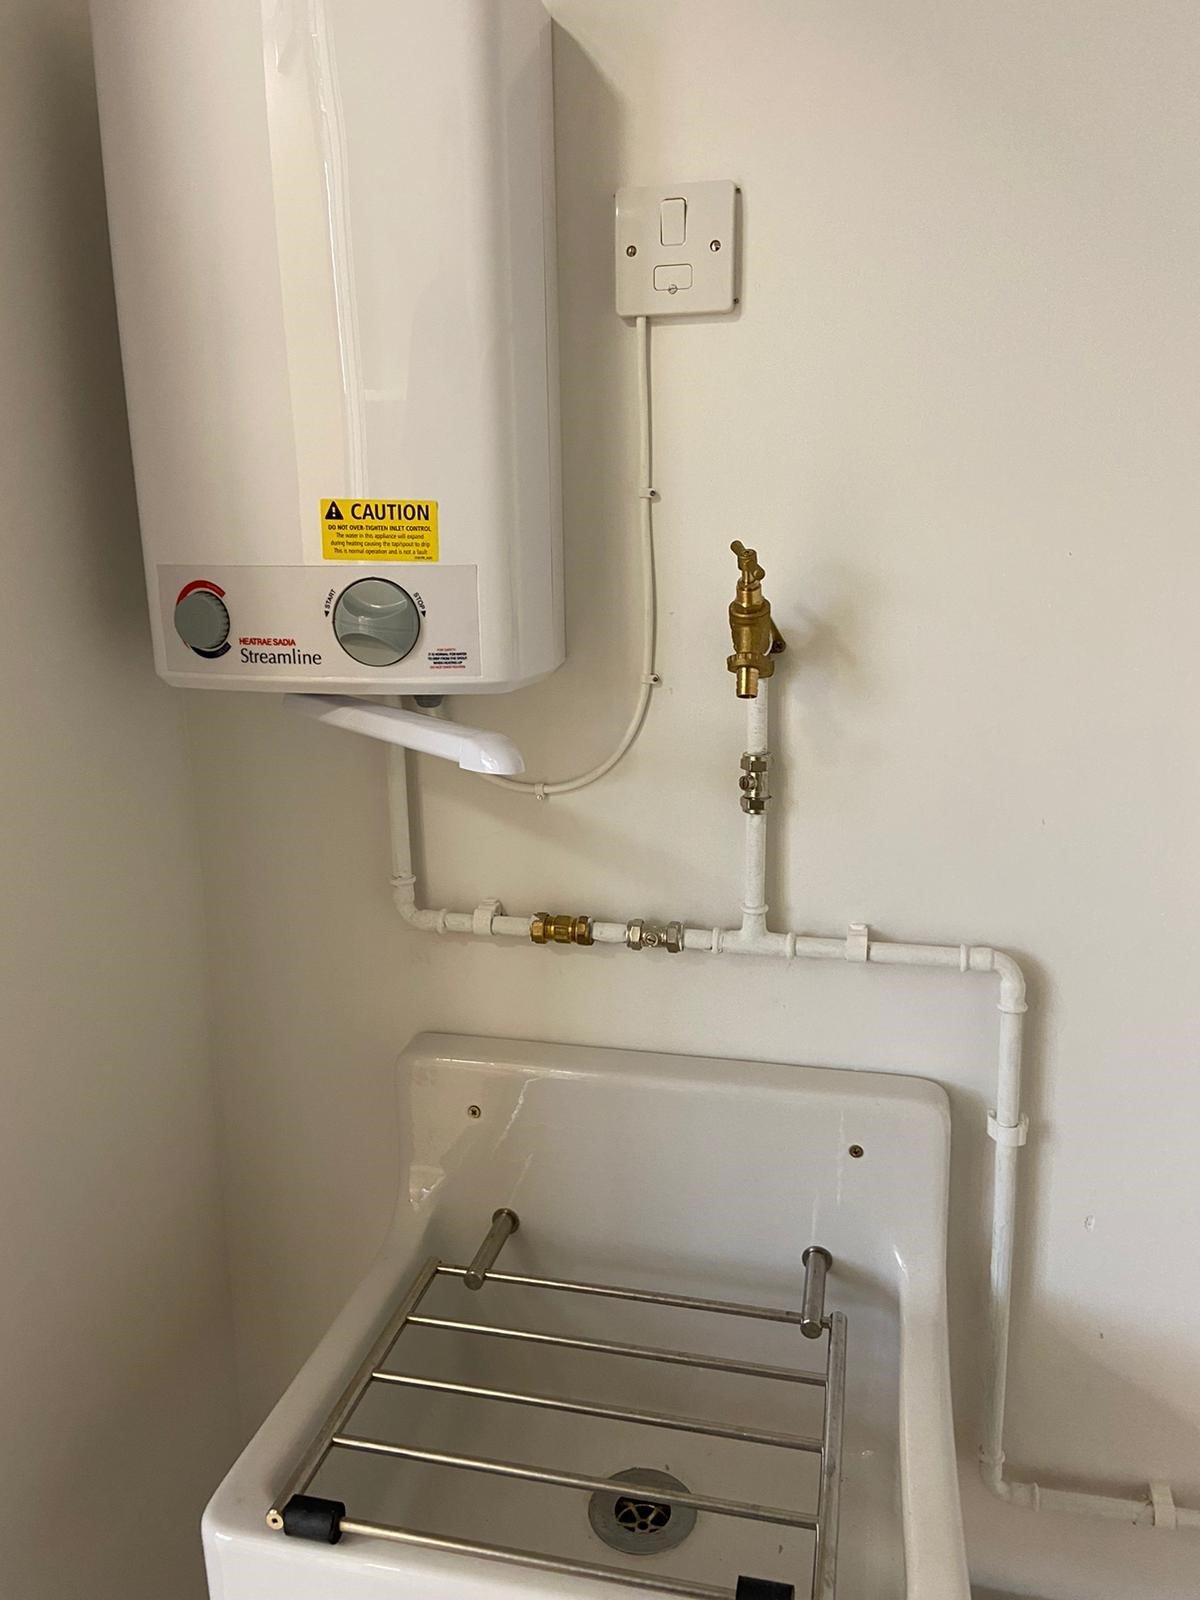 https://0201.nccdn.net/1_2/000/000/095/3e8/connected-up-boiler.jpg